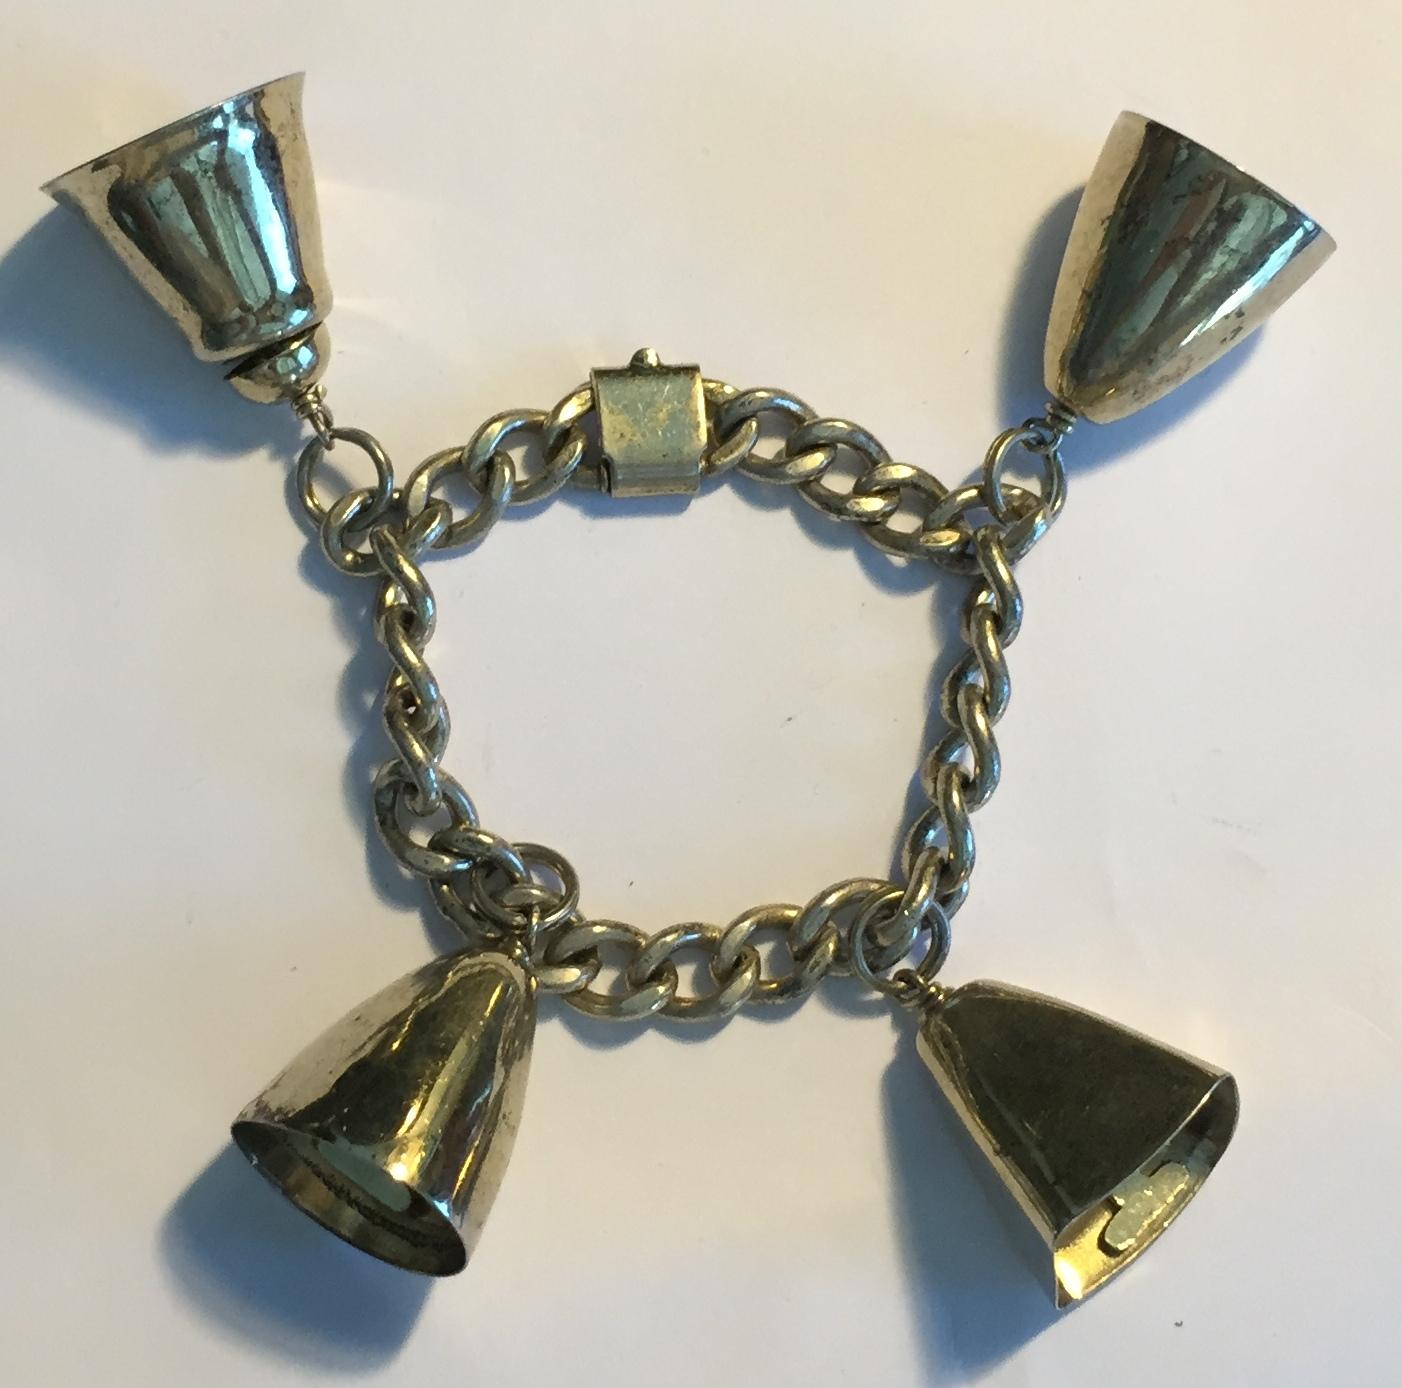 Vintage Napier Sterling Silver Bell Bracelet Modernism